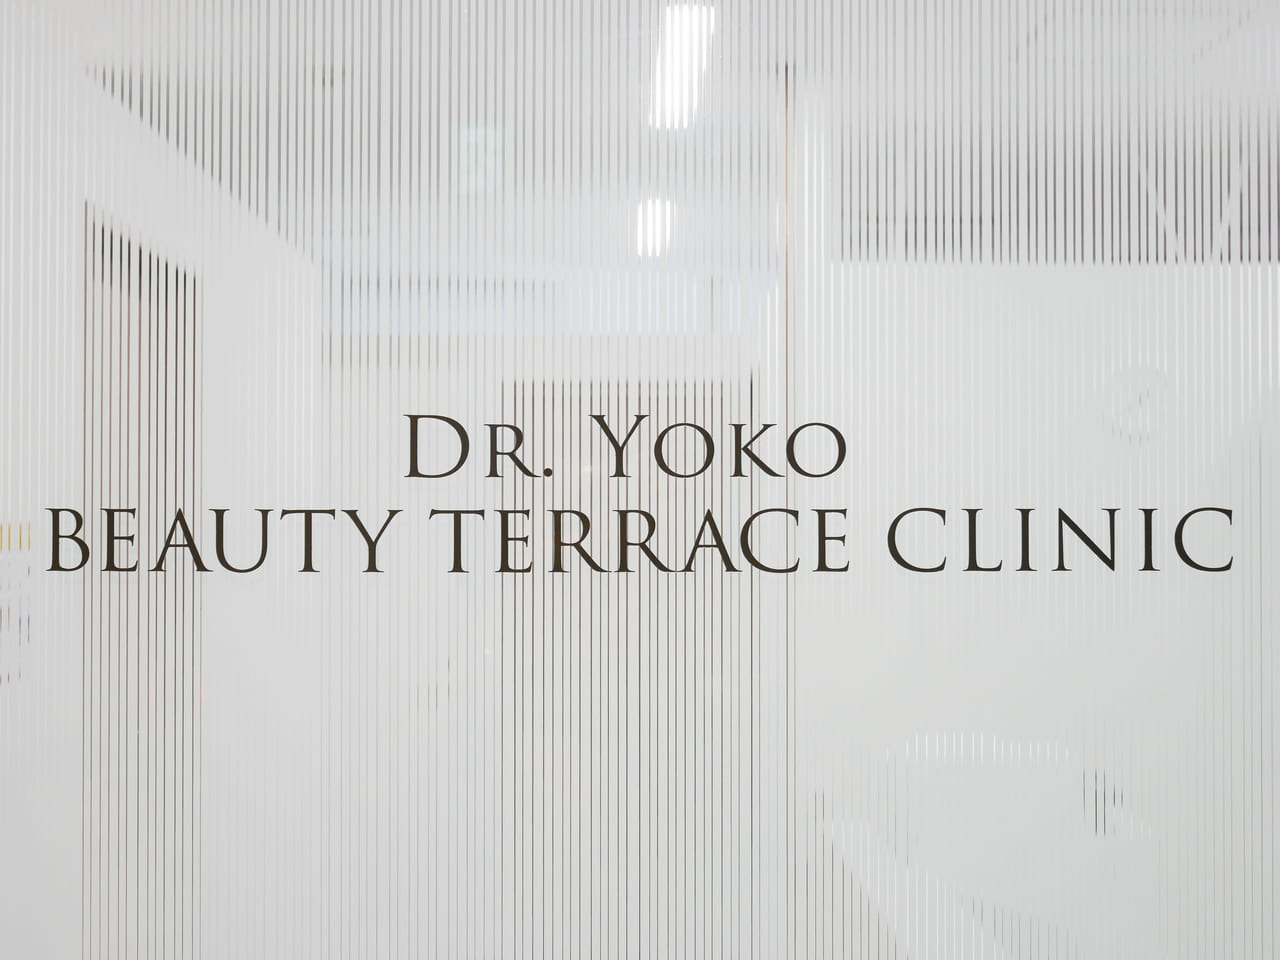 ドクター ヨーコ ビューティ テラス クリニック 銀座 口コミ 評判